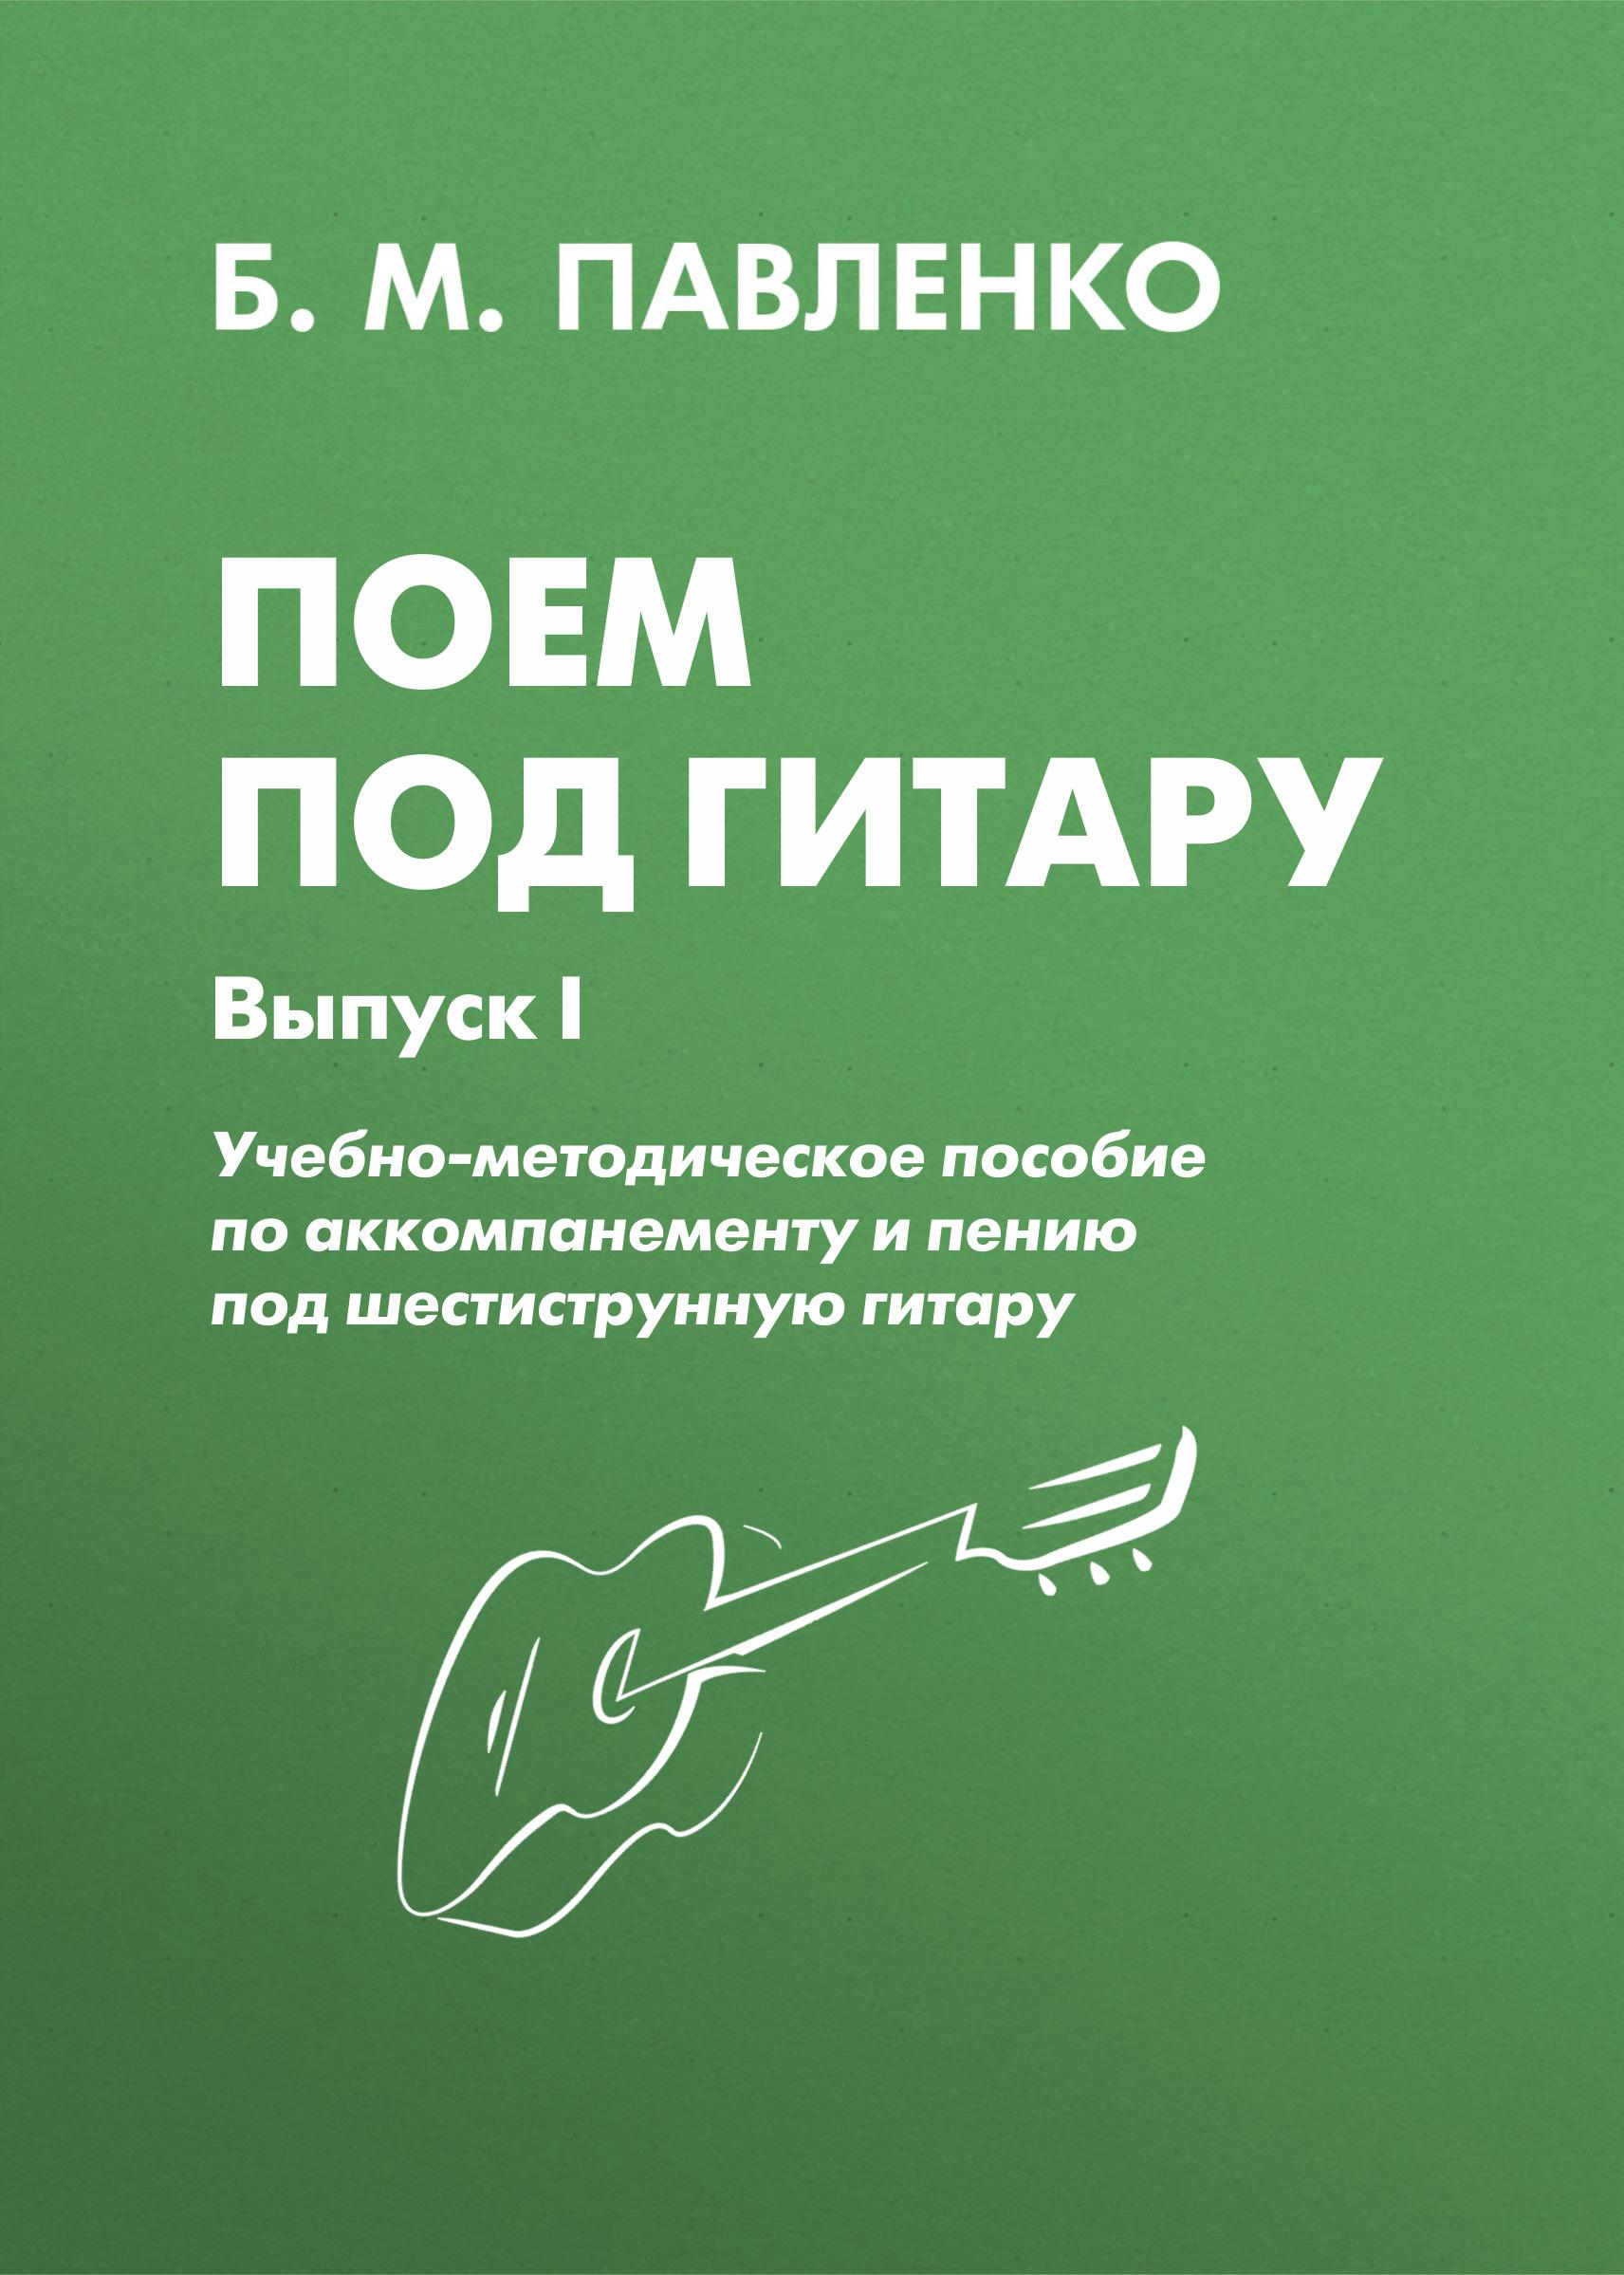 Б. М. Павленко Поем под гитару. Учебно-методическое пособие по аккомпанементу и пению под шестиструнную гитару. Выпуск I б м павленко самоучитель игры на шестиструнной гитаре аккорды аккомпанемент и пение под гитару